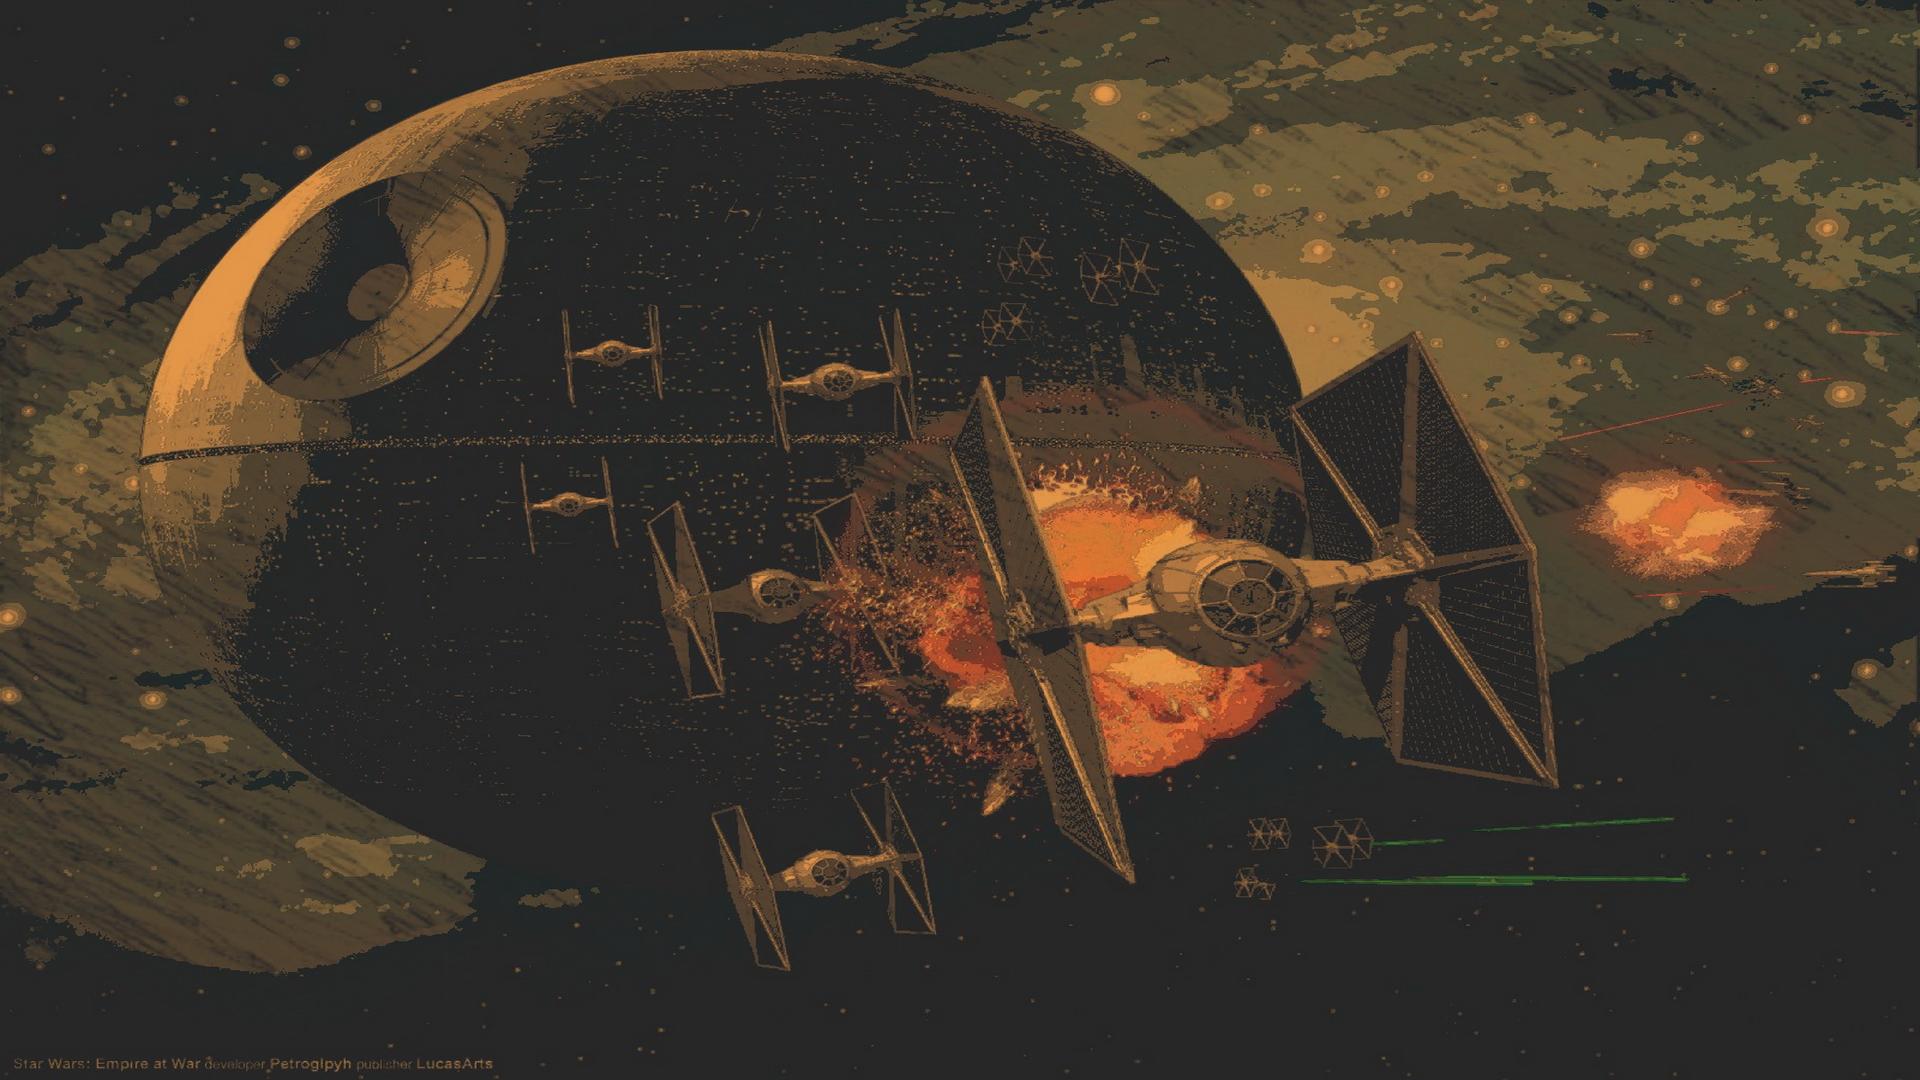 Star Wars Battle Backgrounds: Star Wars Space Battle Wallpaper